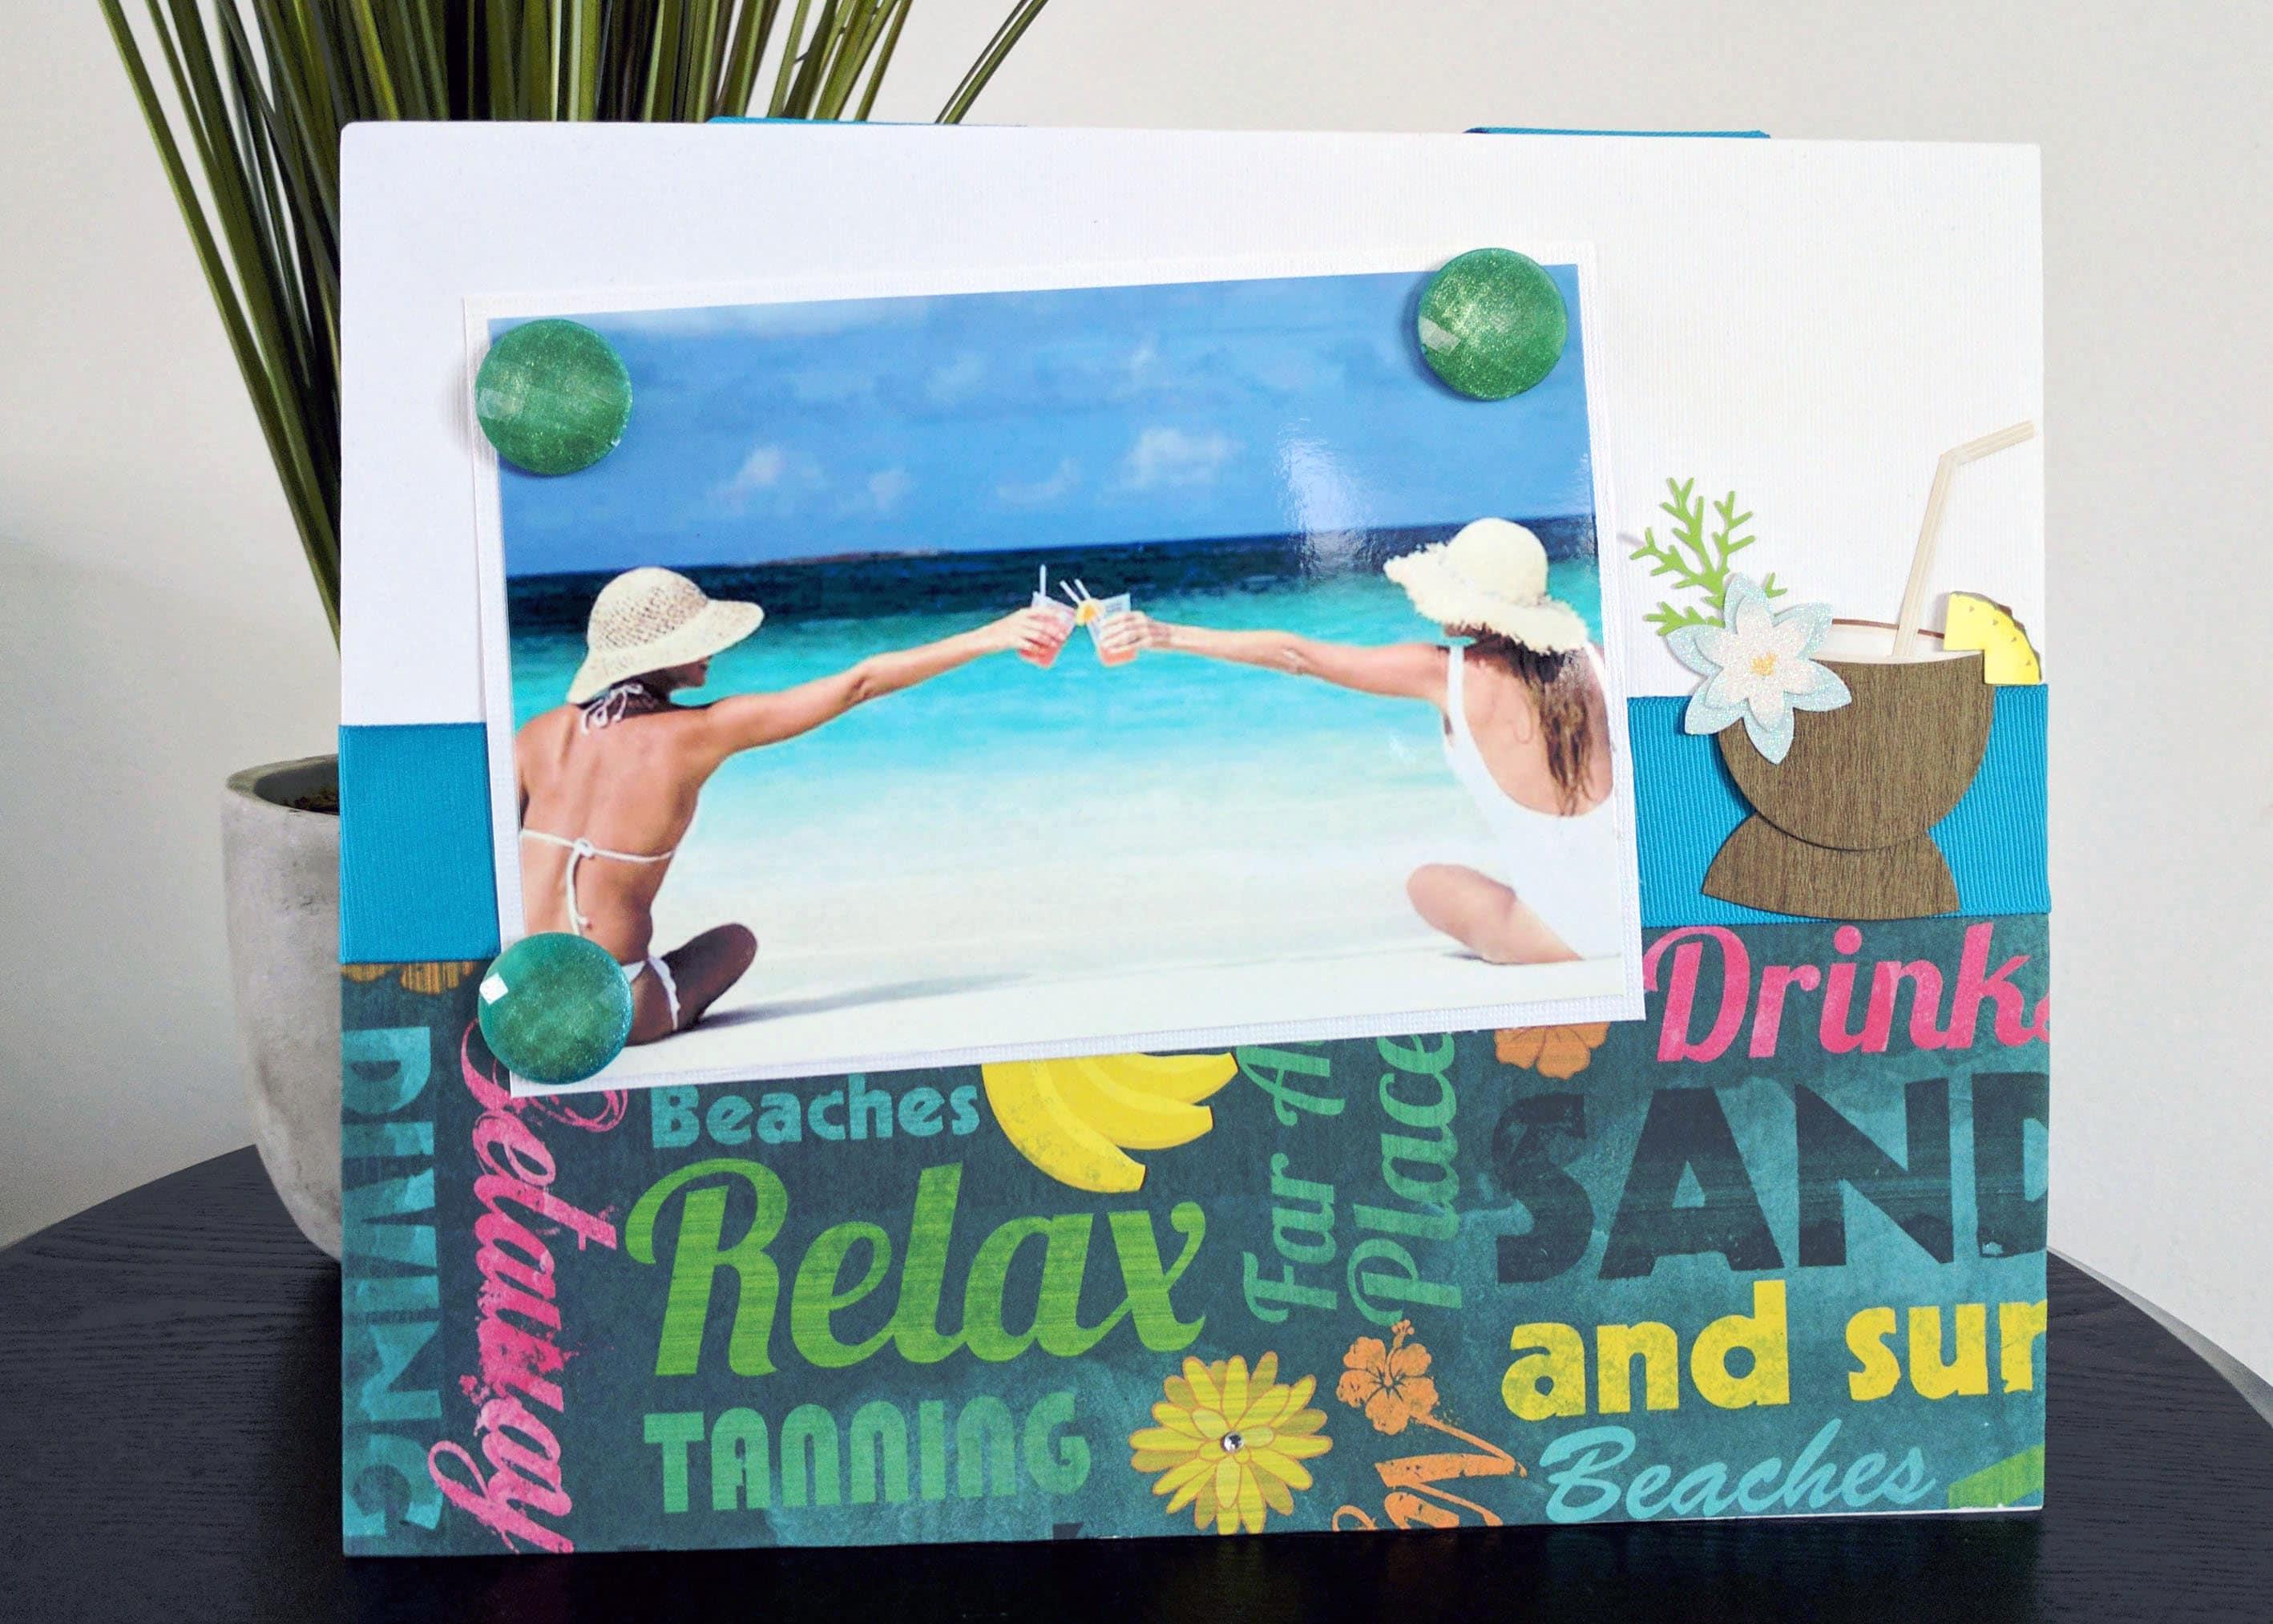 Marco de fotos magnético de Tropical Beach vacaciones versión